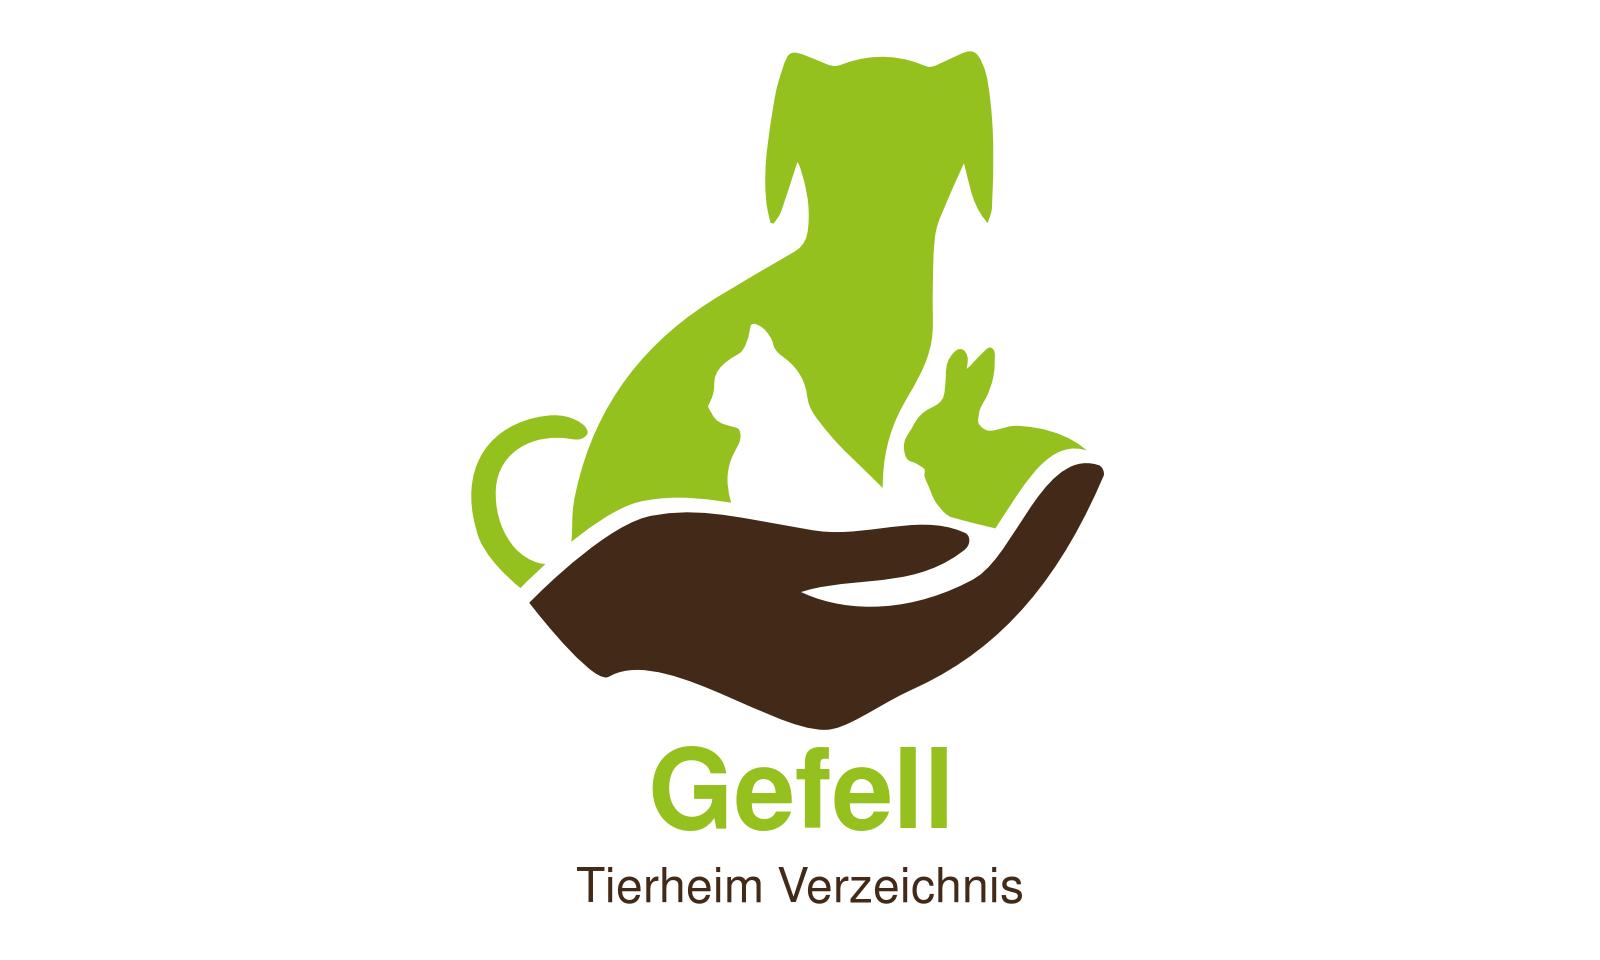 Tierheim Gefell